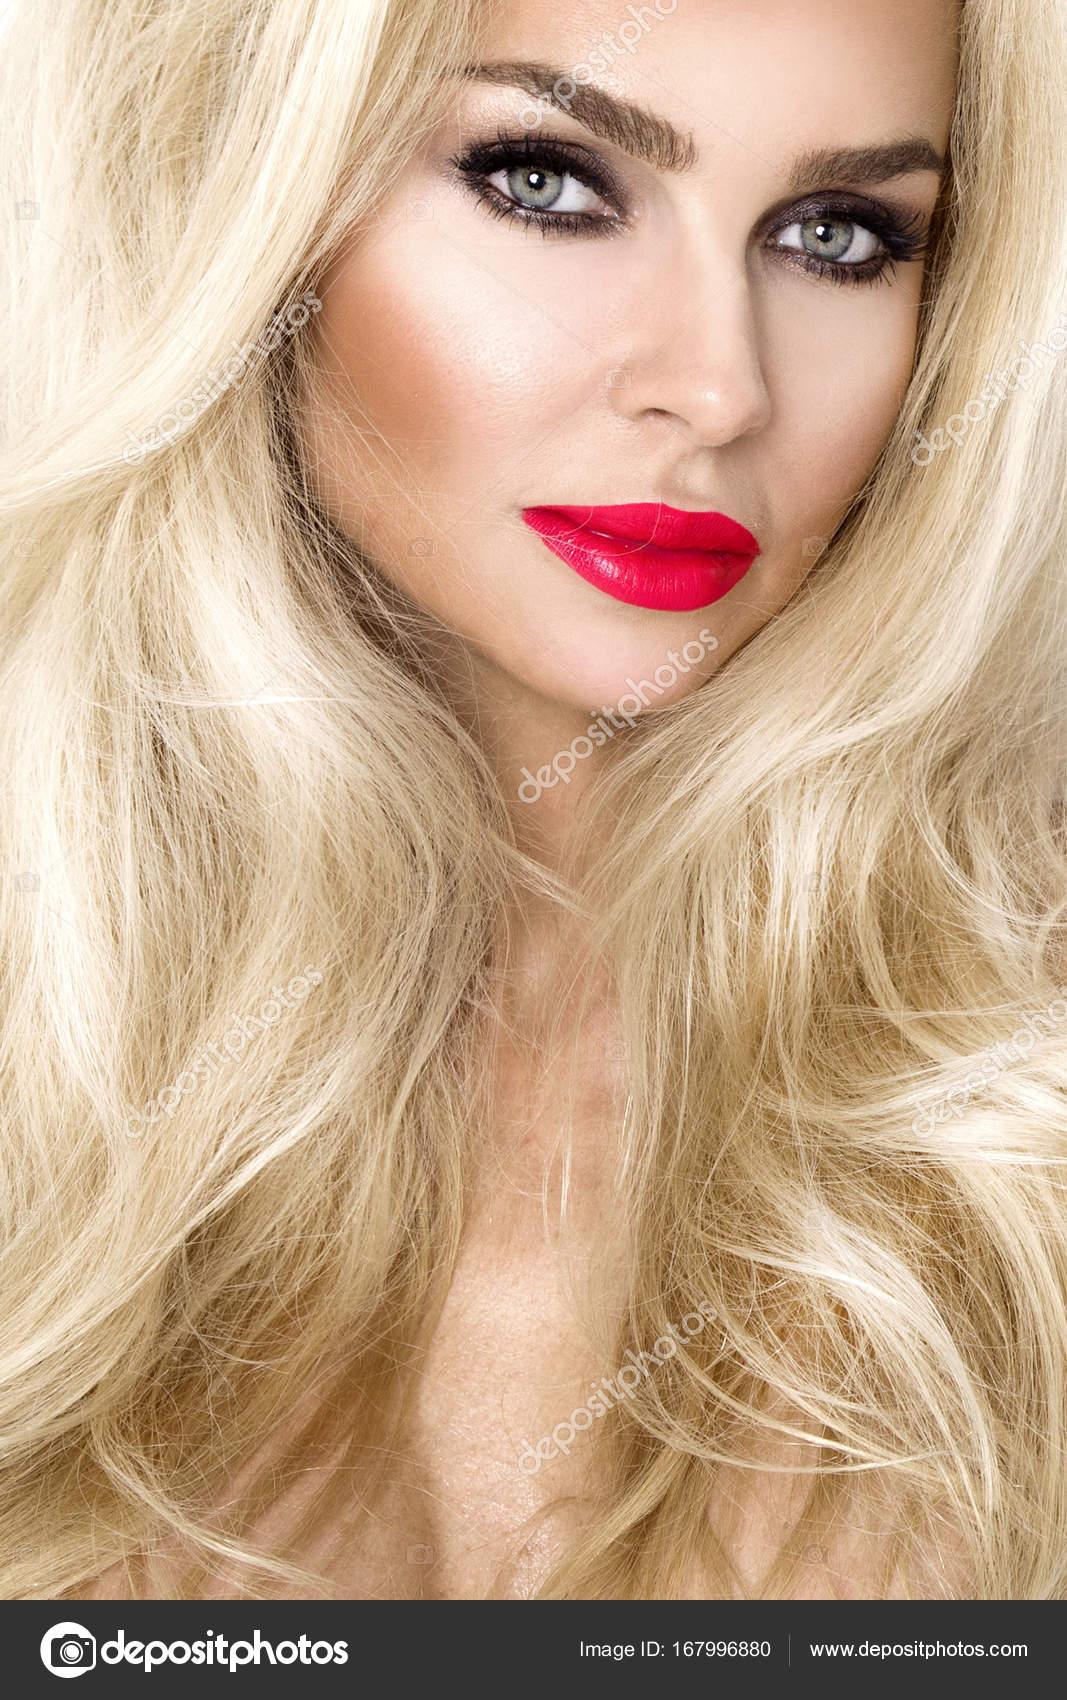 Ritratto della bellissima modella sexy femmina con incredibile lunghi e  folti capelli biondi e un viso perfetto e labbra rosse– immagine stock 18fef5bb28a